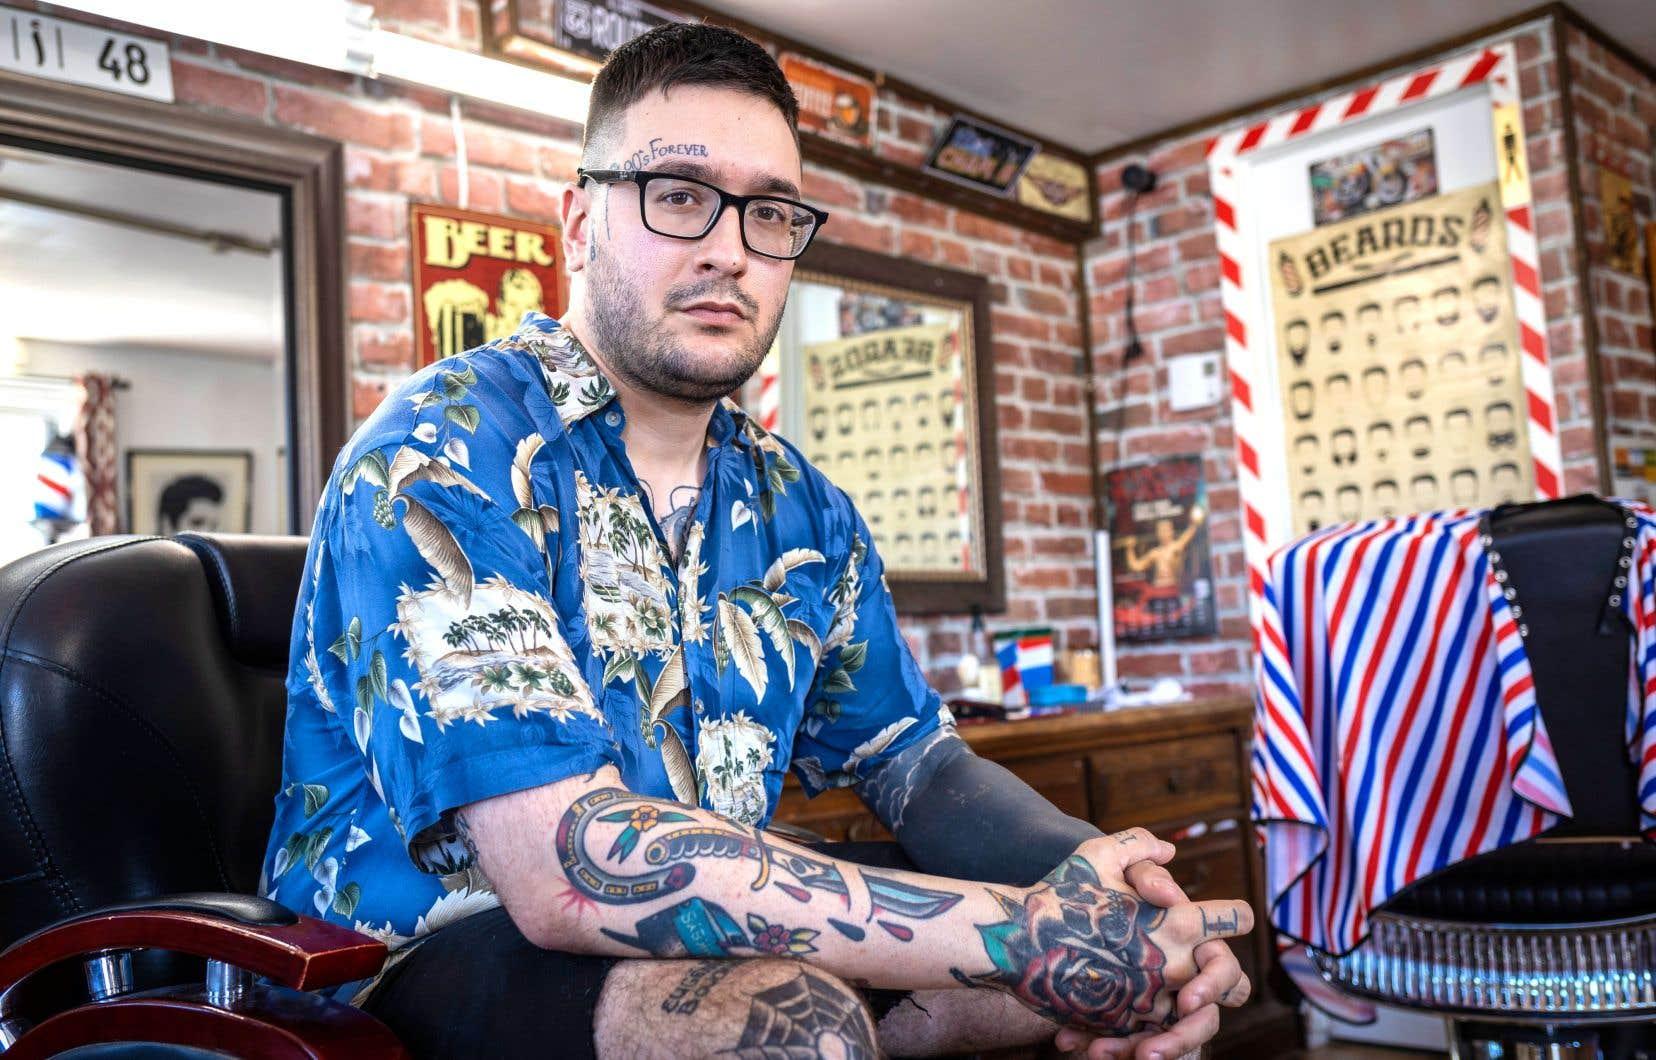 Malgré les vents contraires, Jonathan Doré sera visiblement parvenu à s'inventer une vie relativement douce, entre le salon de barbier et ce nouveau livre auquel il travaille.